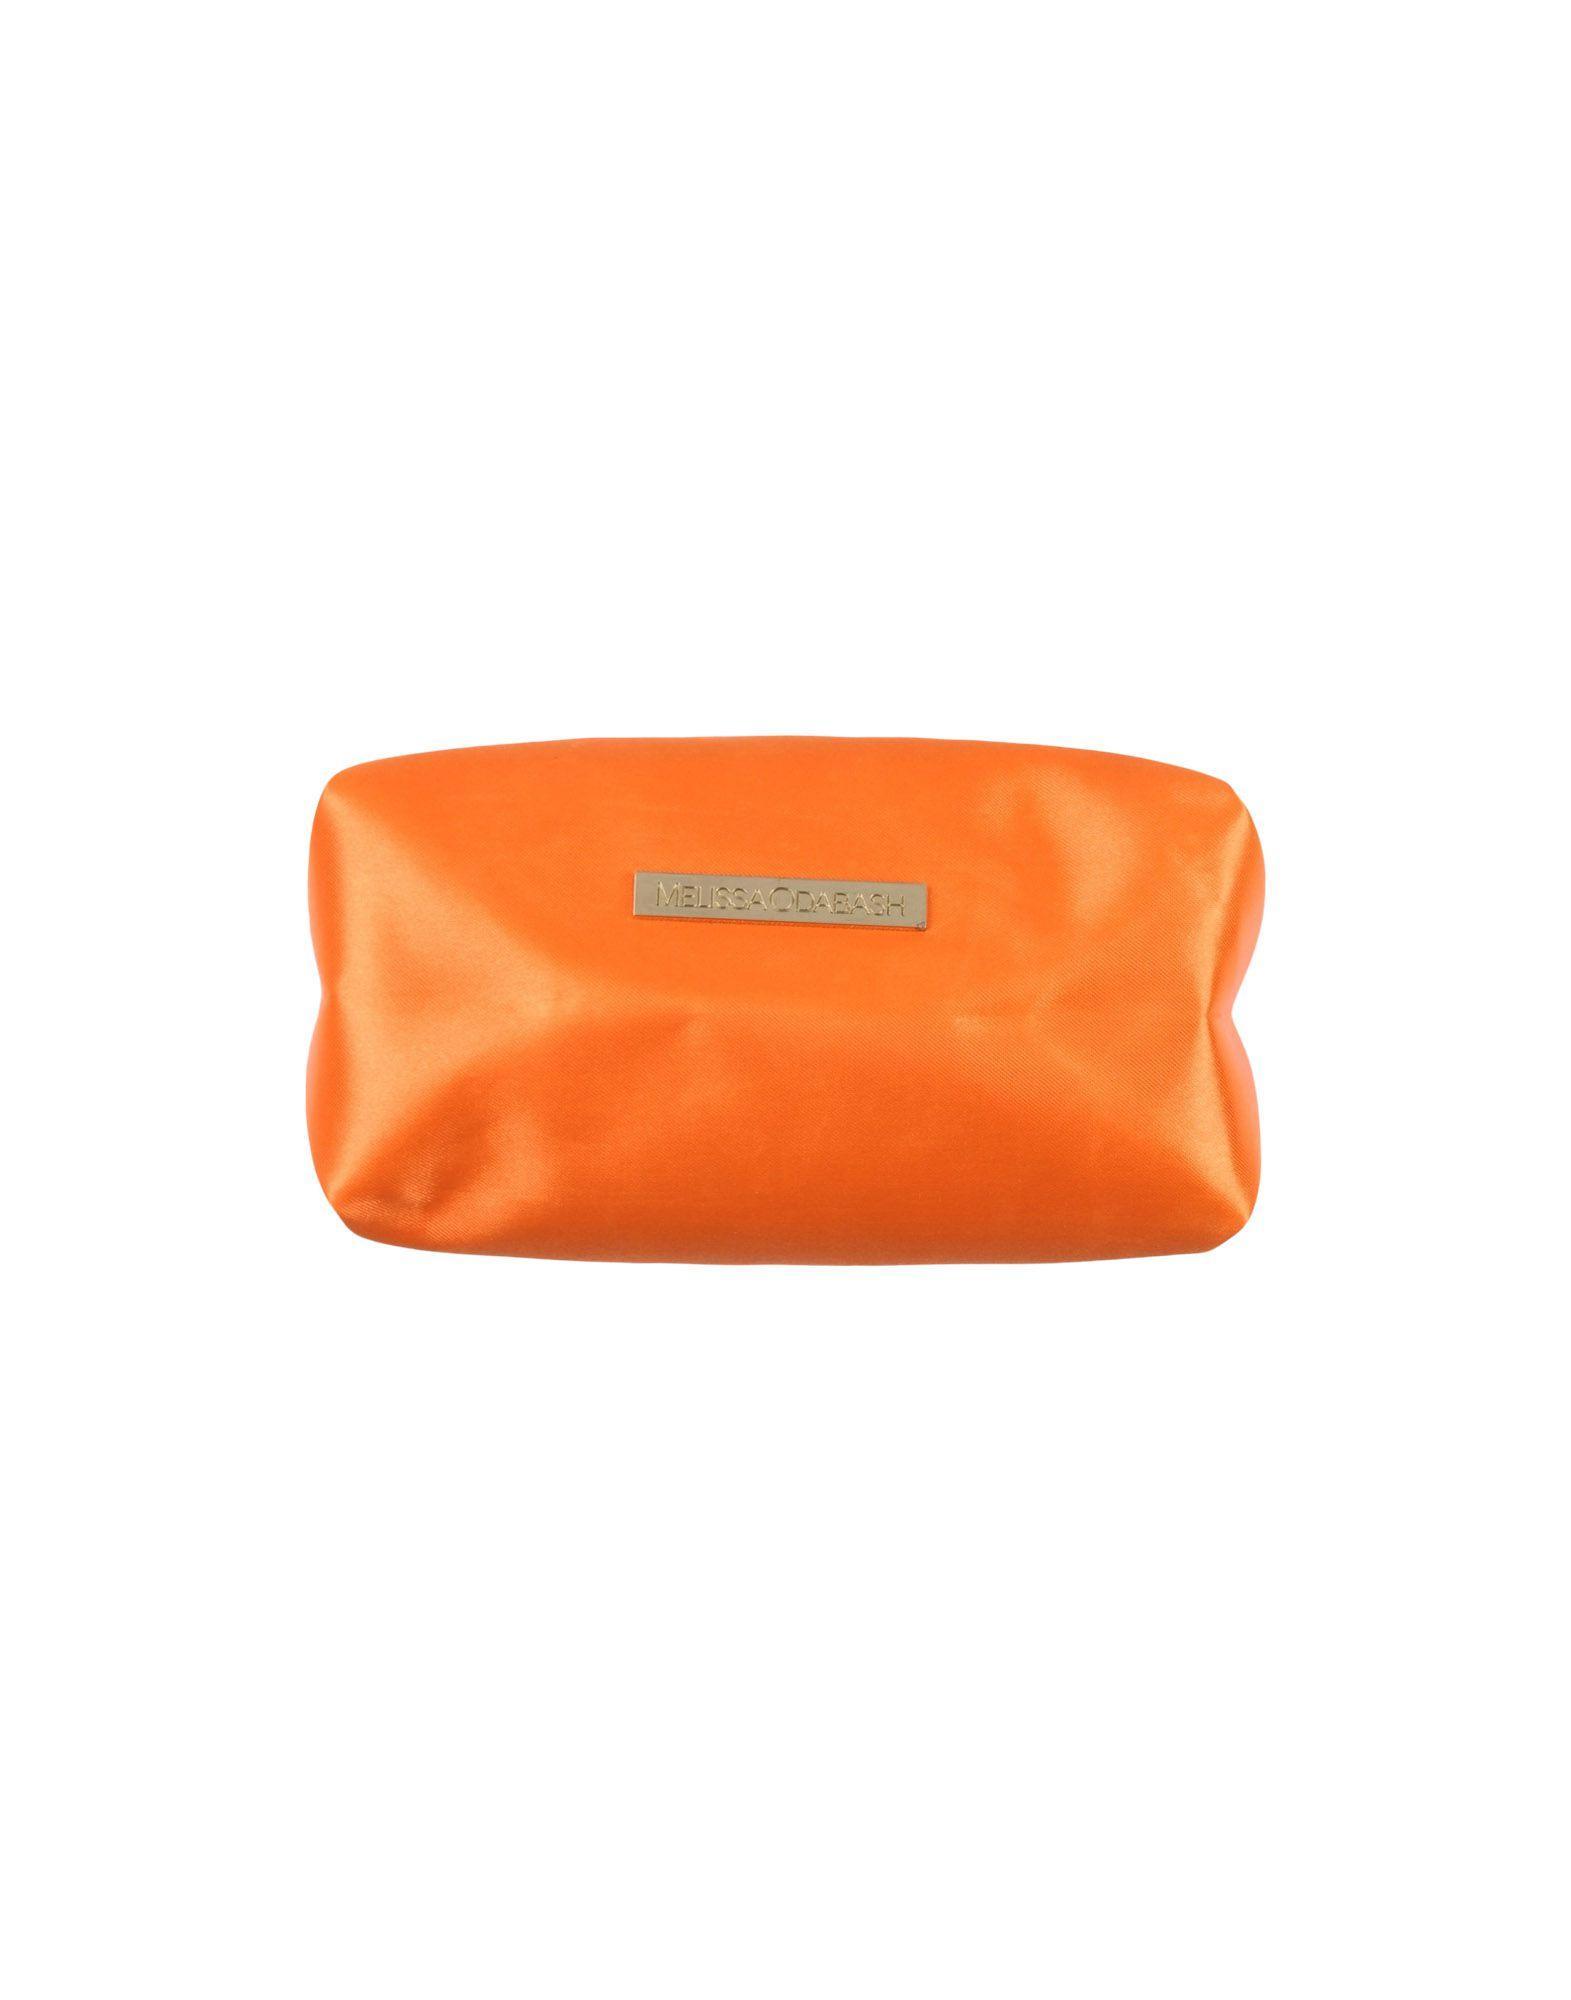 Melissa Odabash Beauty Case In Orange